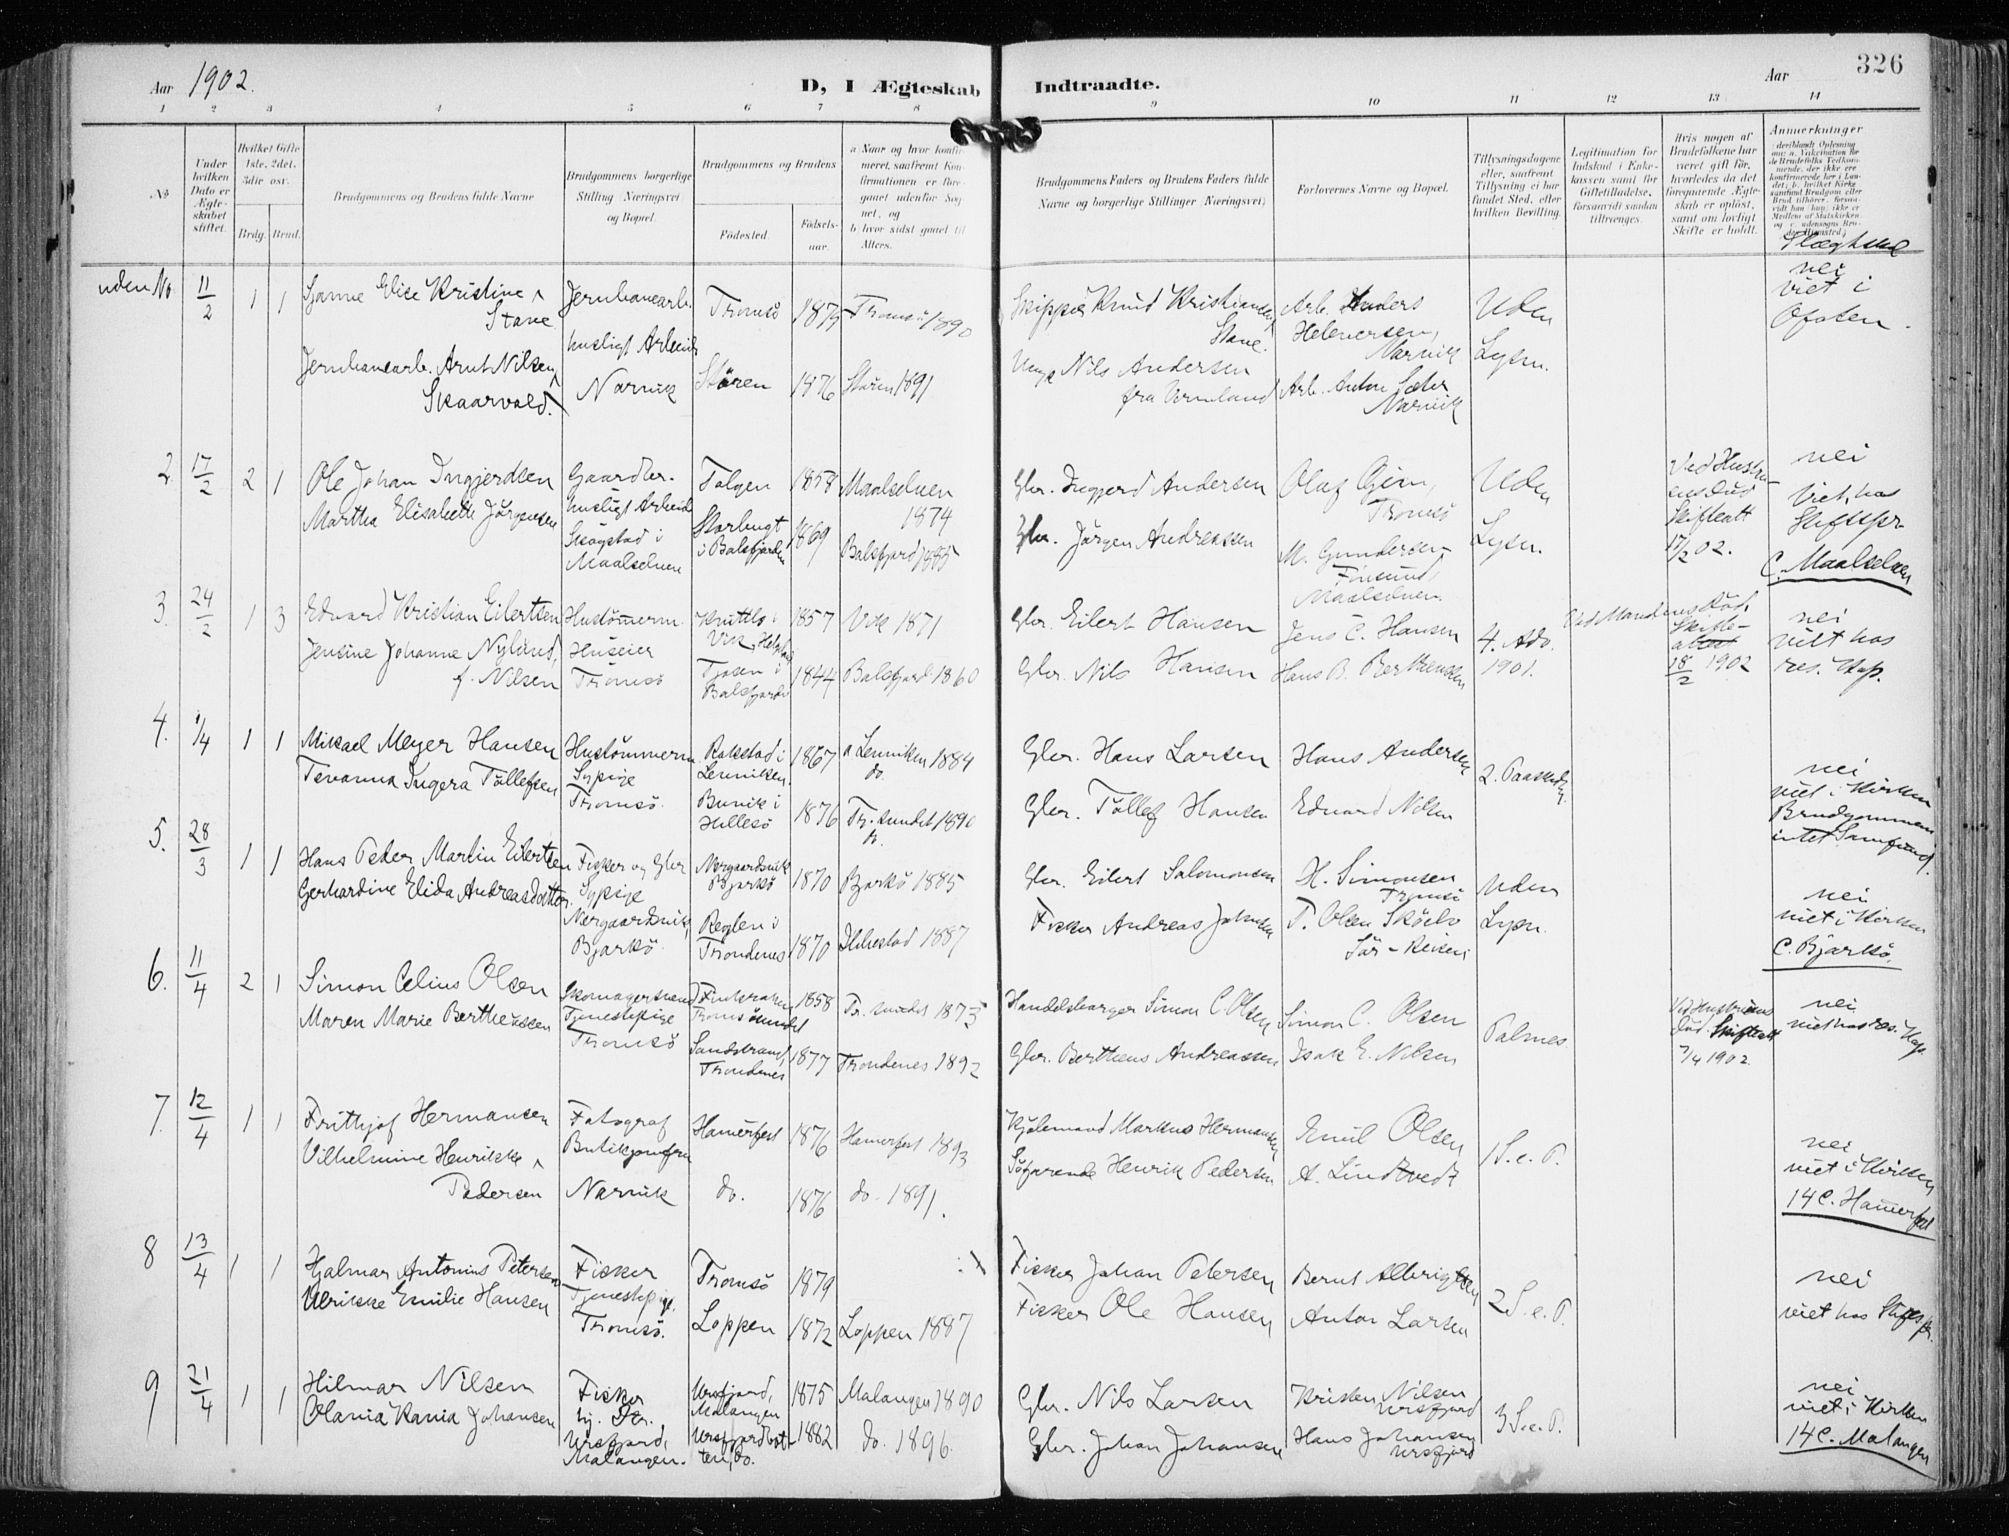 SATØ, Tromsø sokneprestkontor/stiftsprosti/domprosti, G/Ga/L0016kirke: Ministerialbok nr. 16, 1899-1906, s. 326